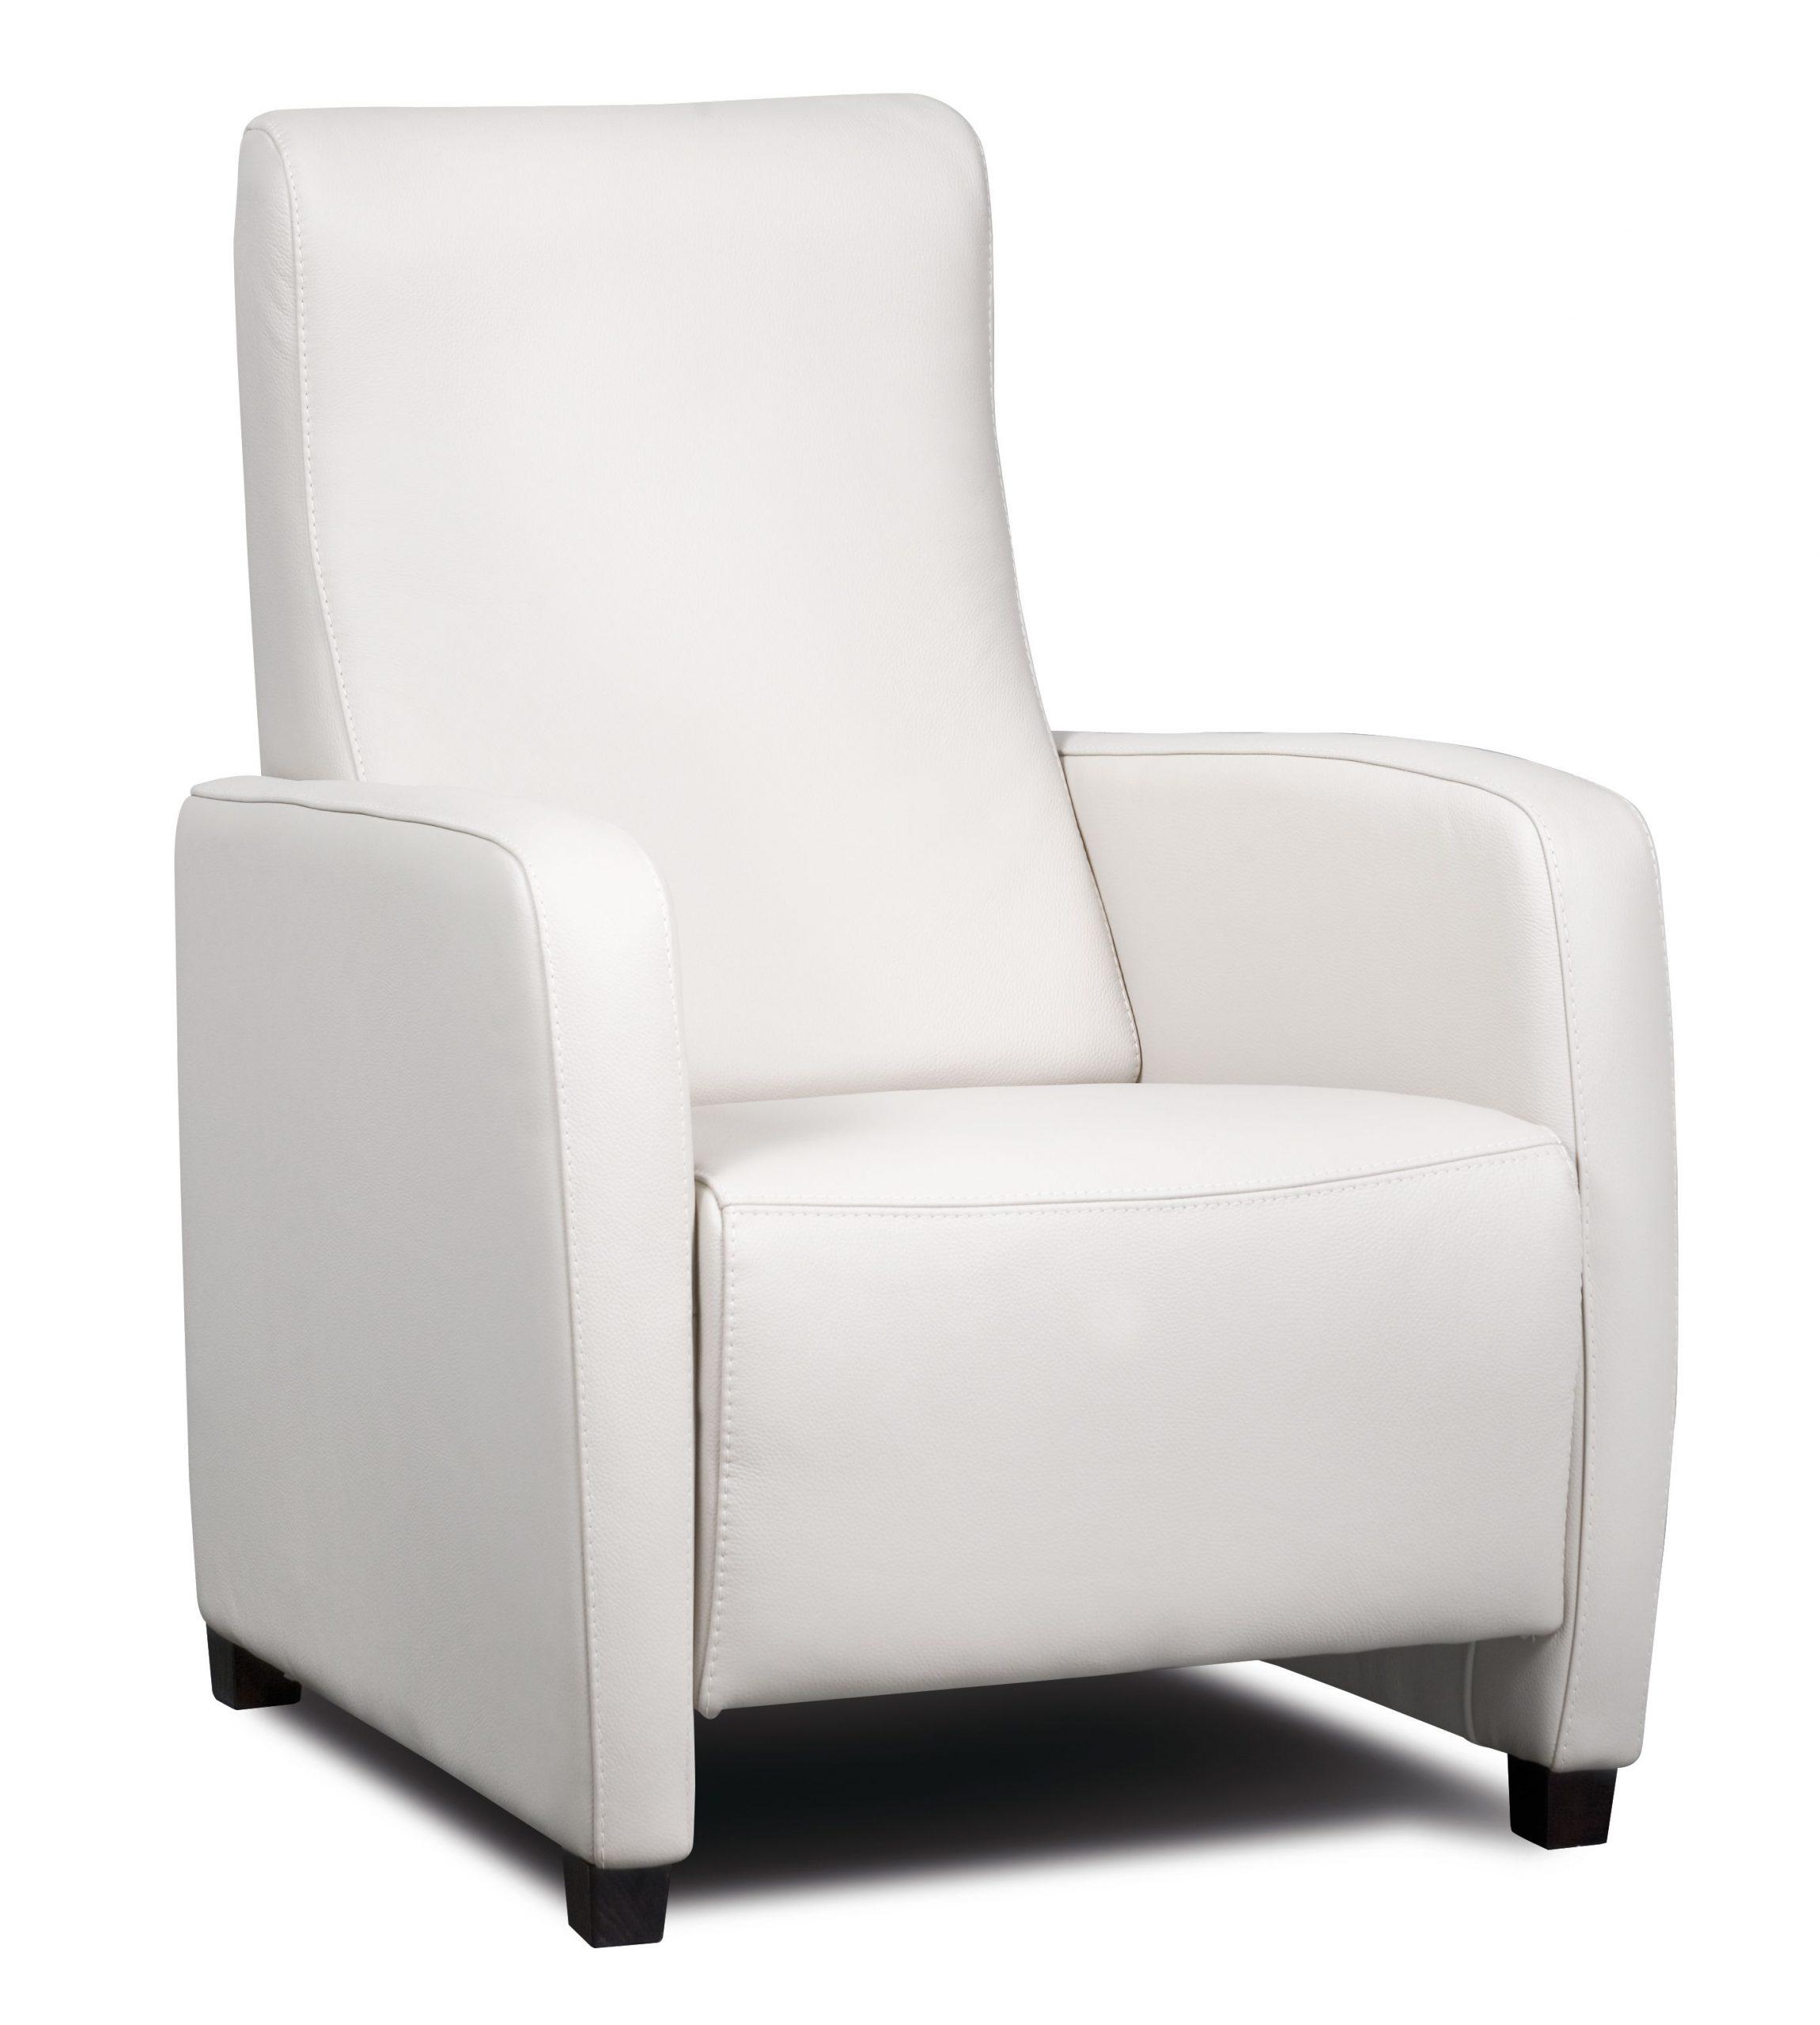 fauteuil Cherryl